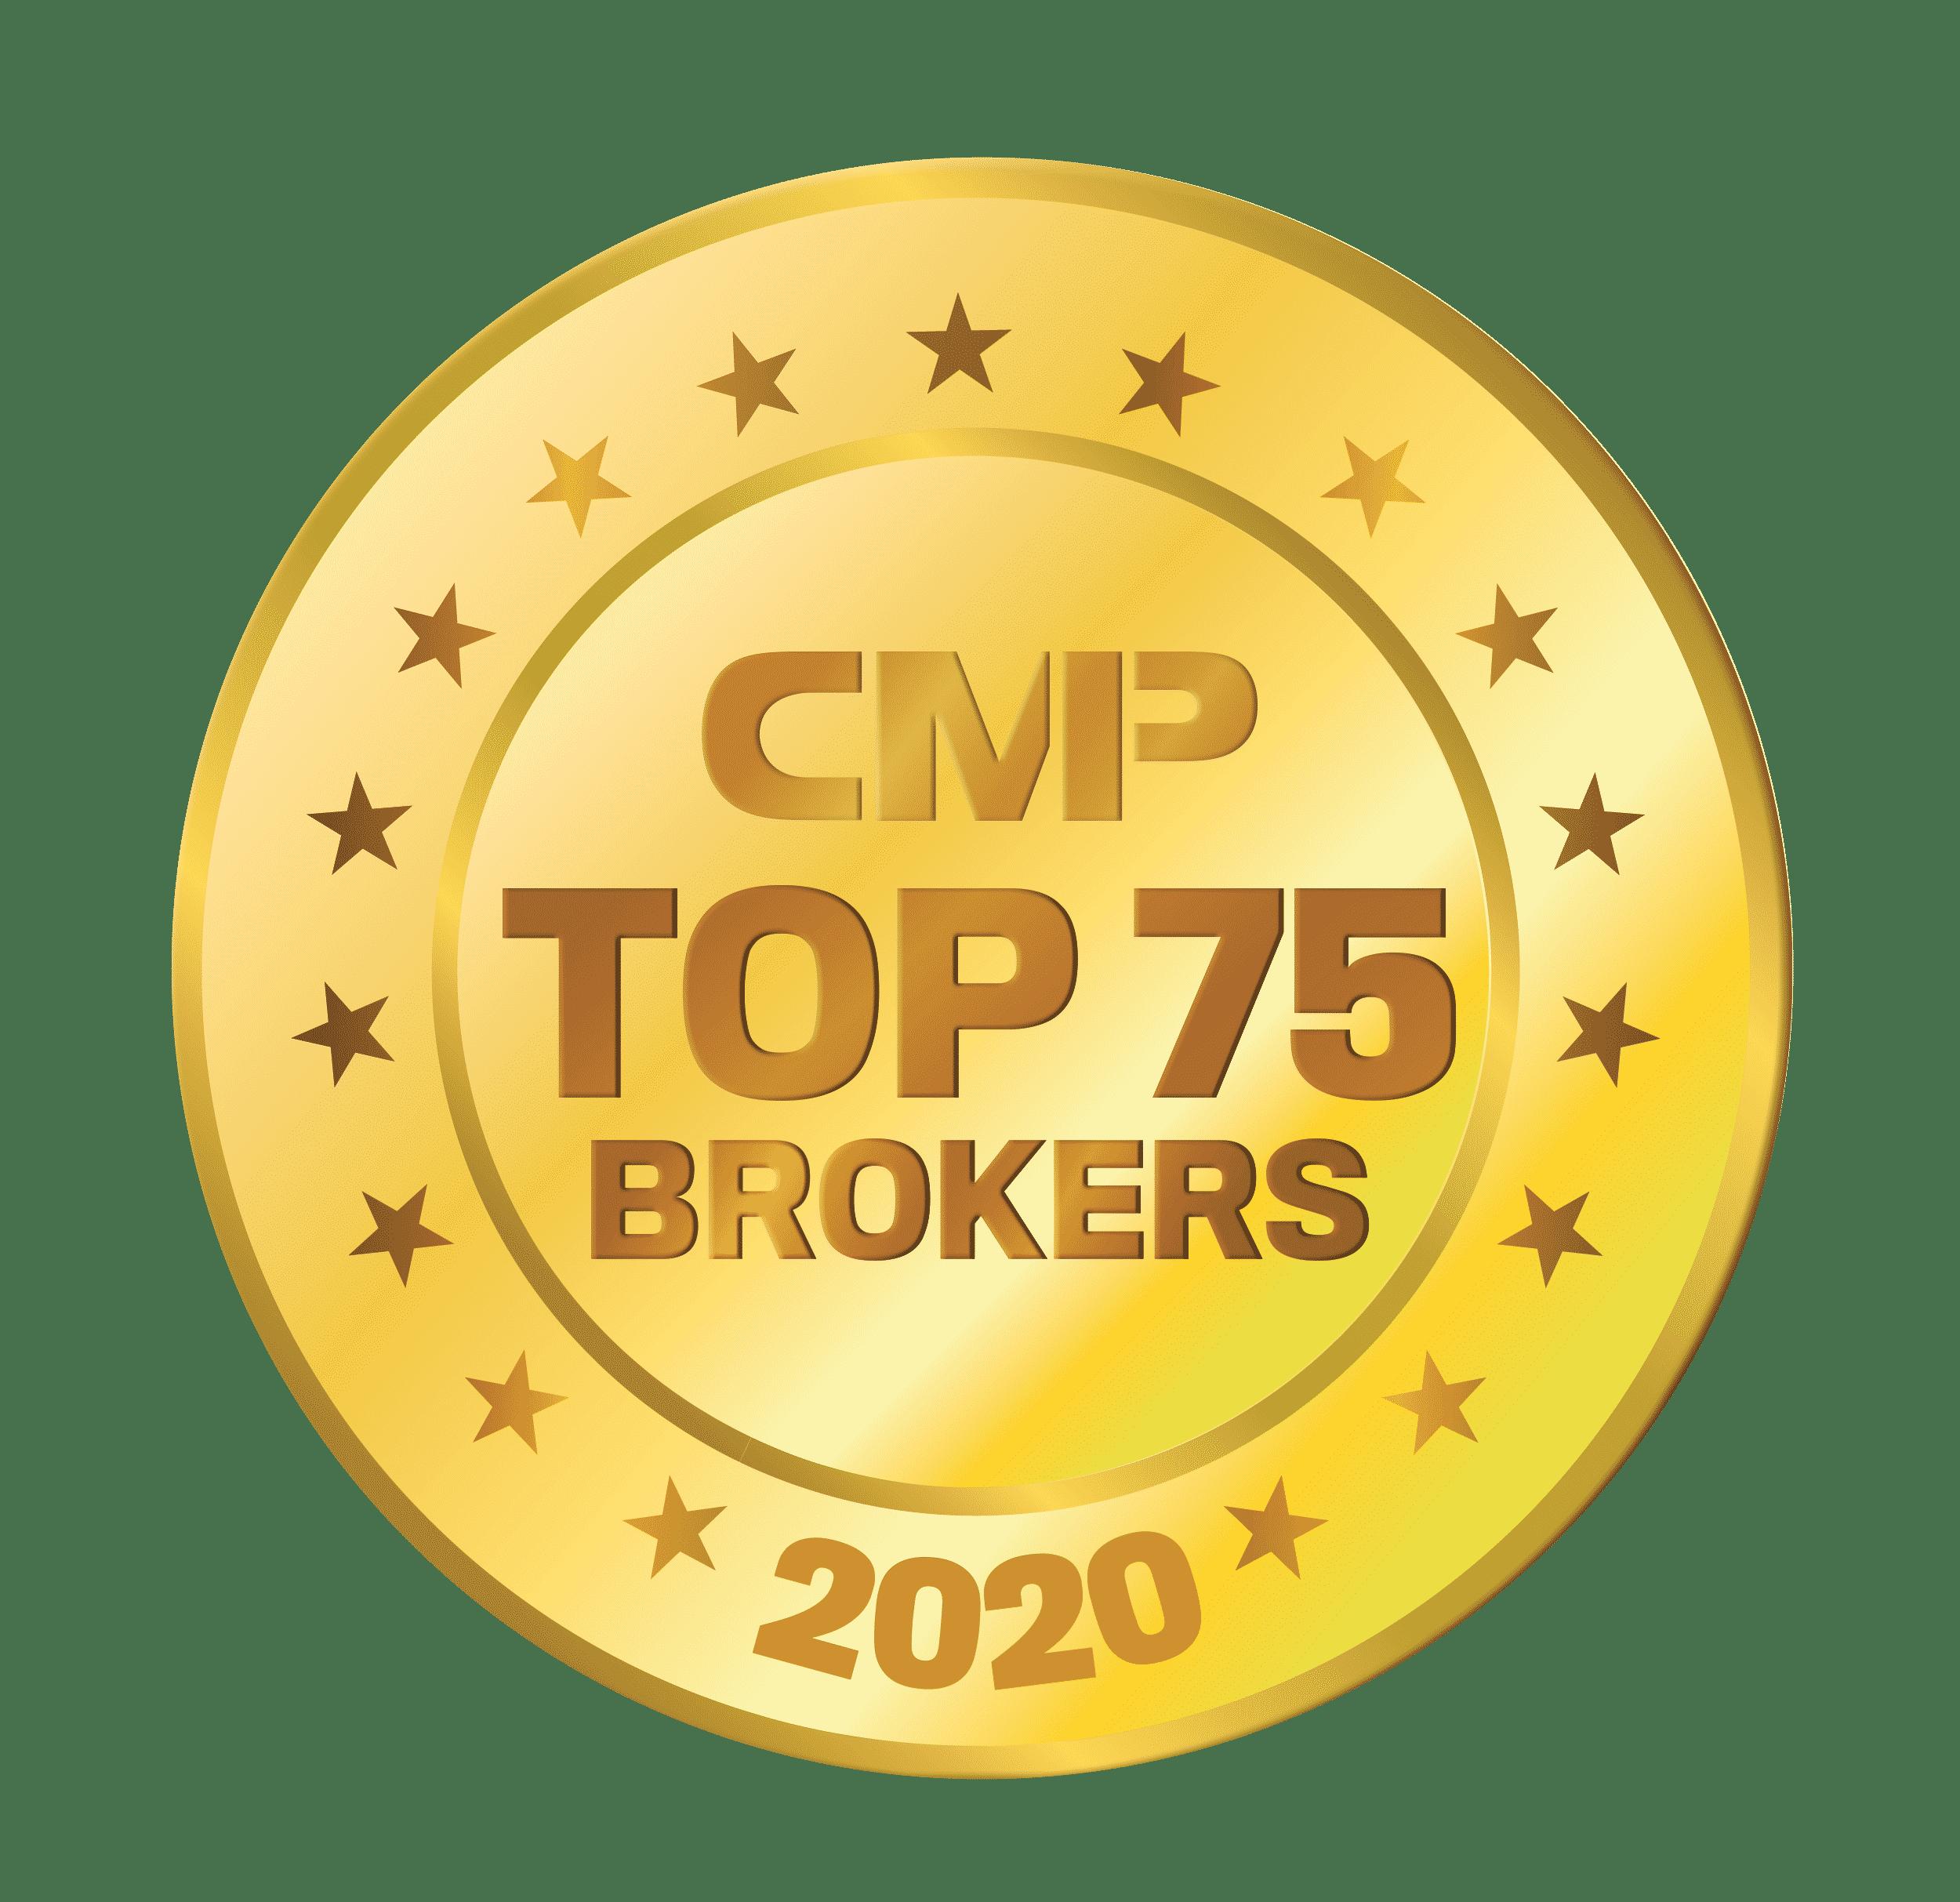 CMP Top 75 Brokers 2020